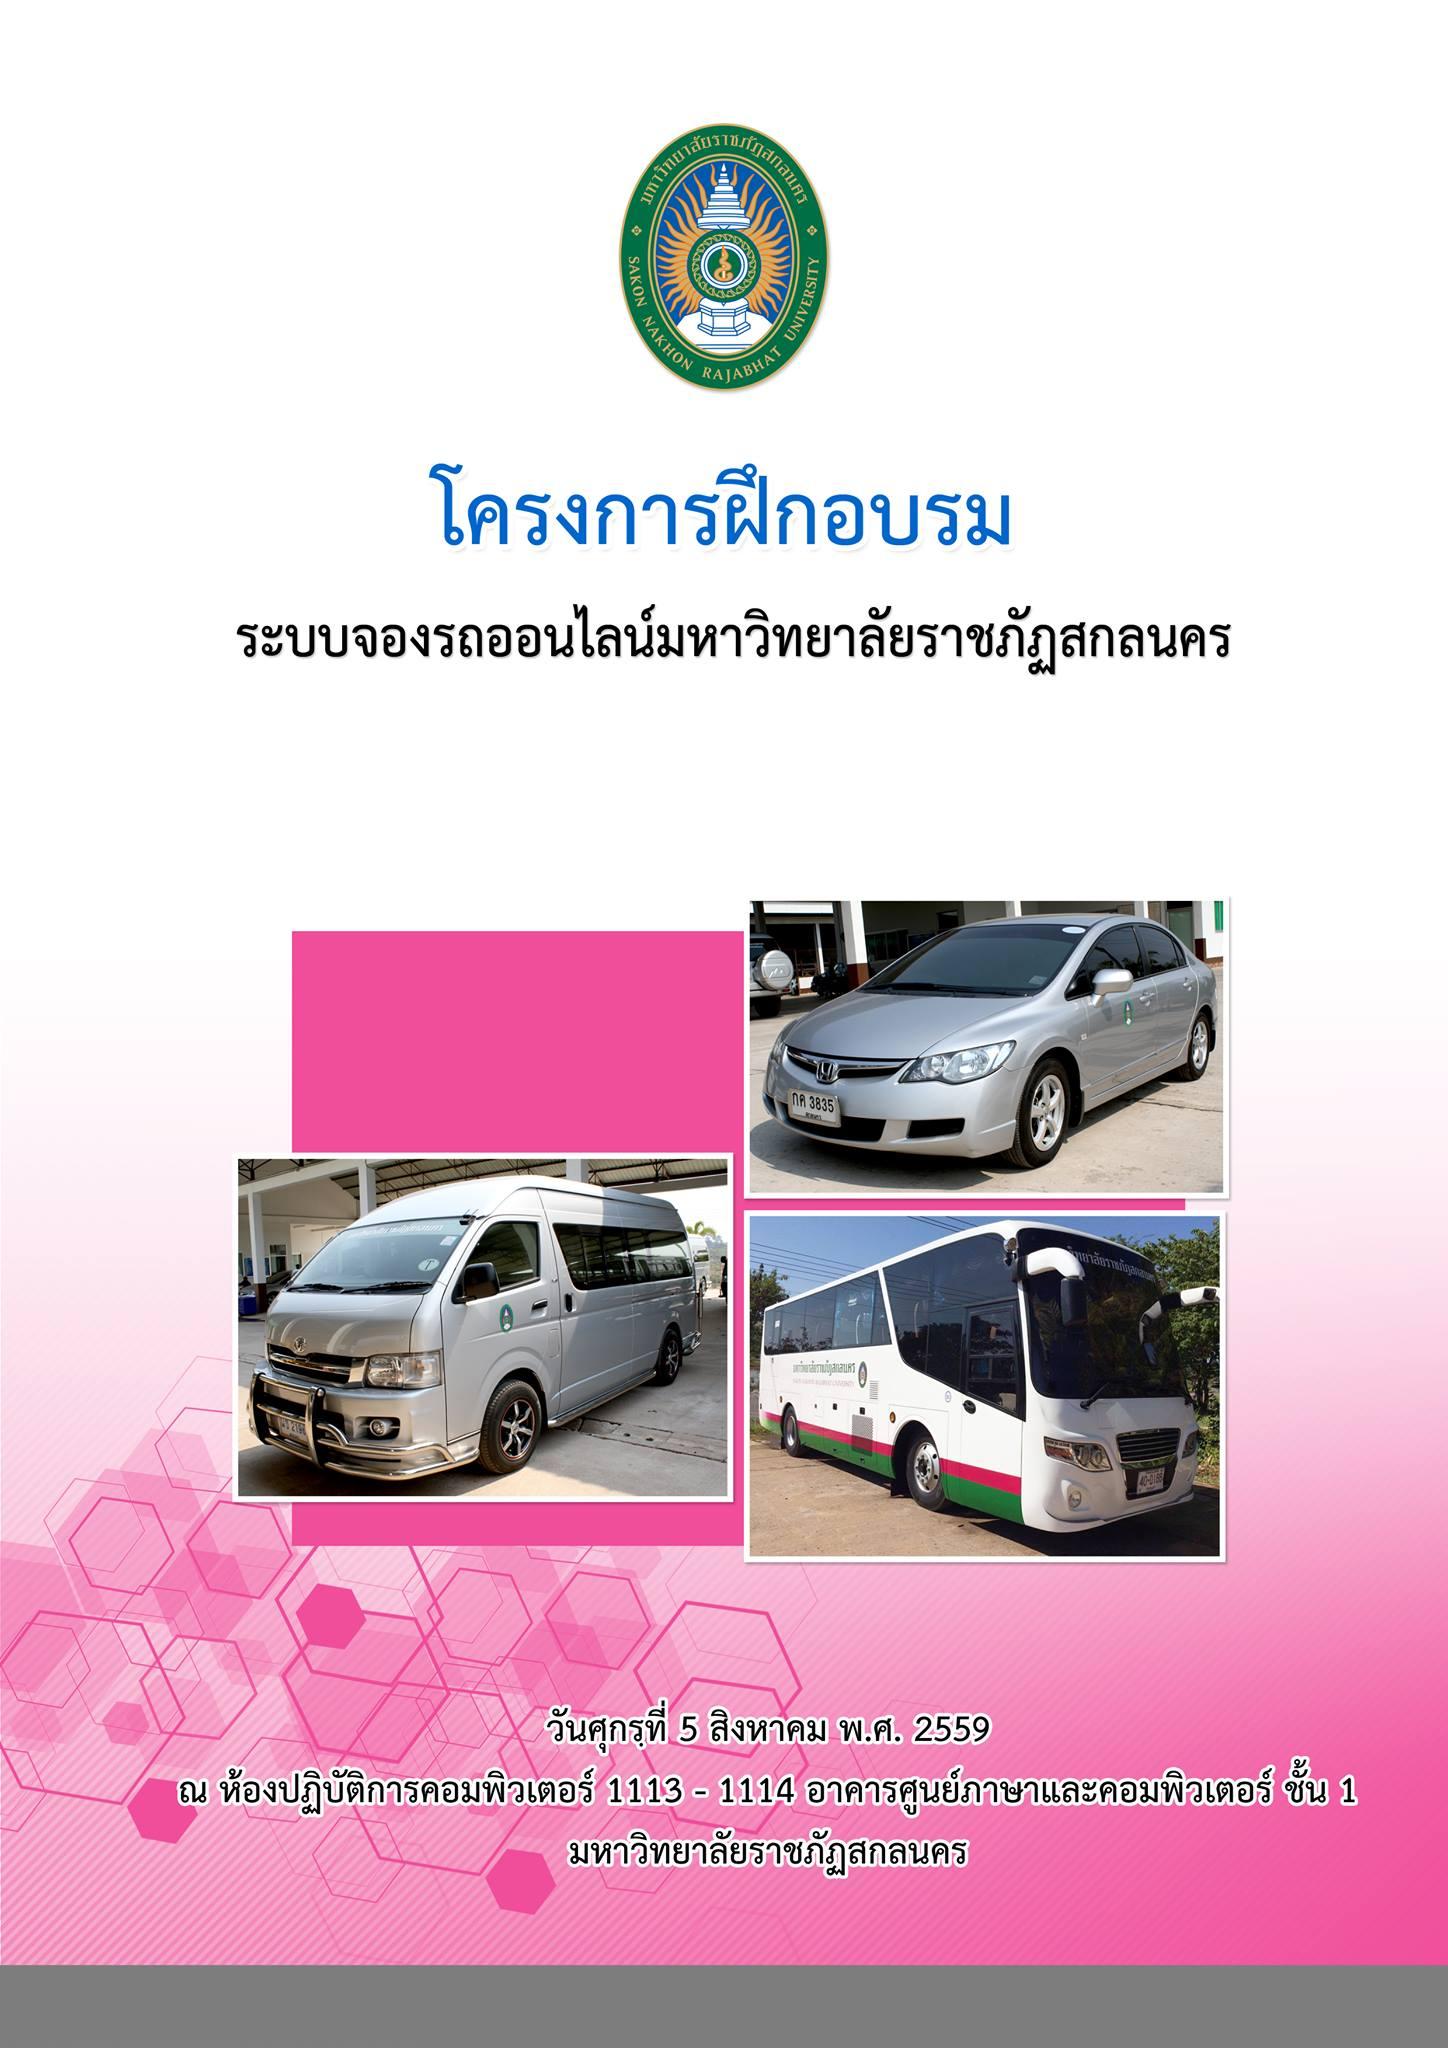 โครงการฝึกอบรมระบบจองรถออนไลน์-2559